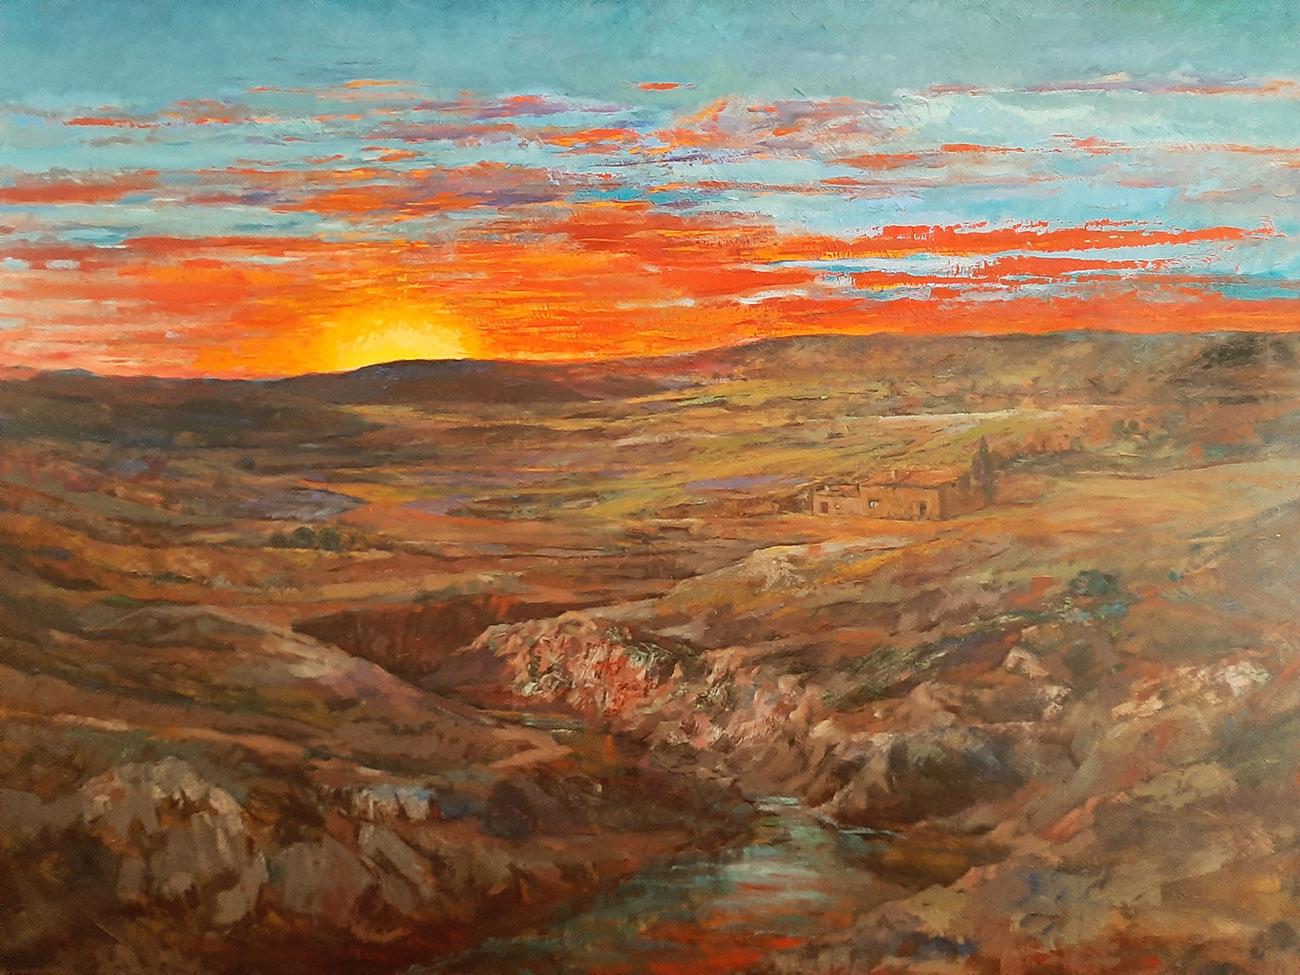 Juan Amo. (1977). Cuando muere el día. Óleo - Lienzo. 114 x 146. Colección Privada.